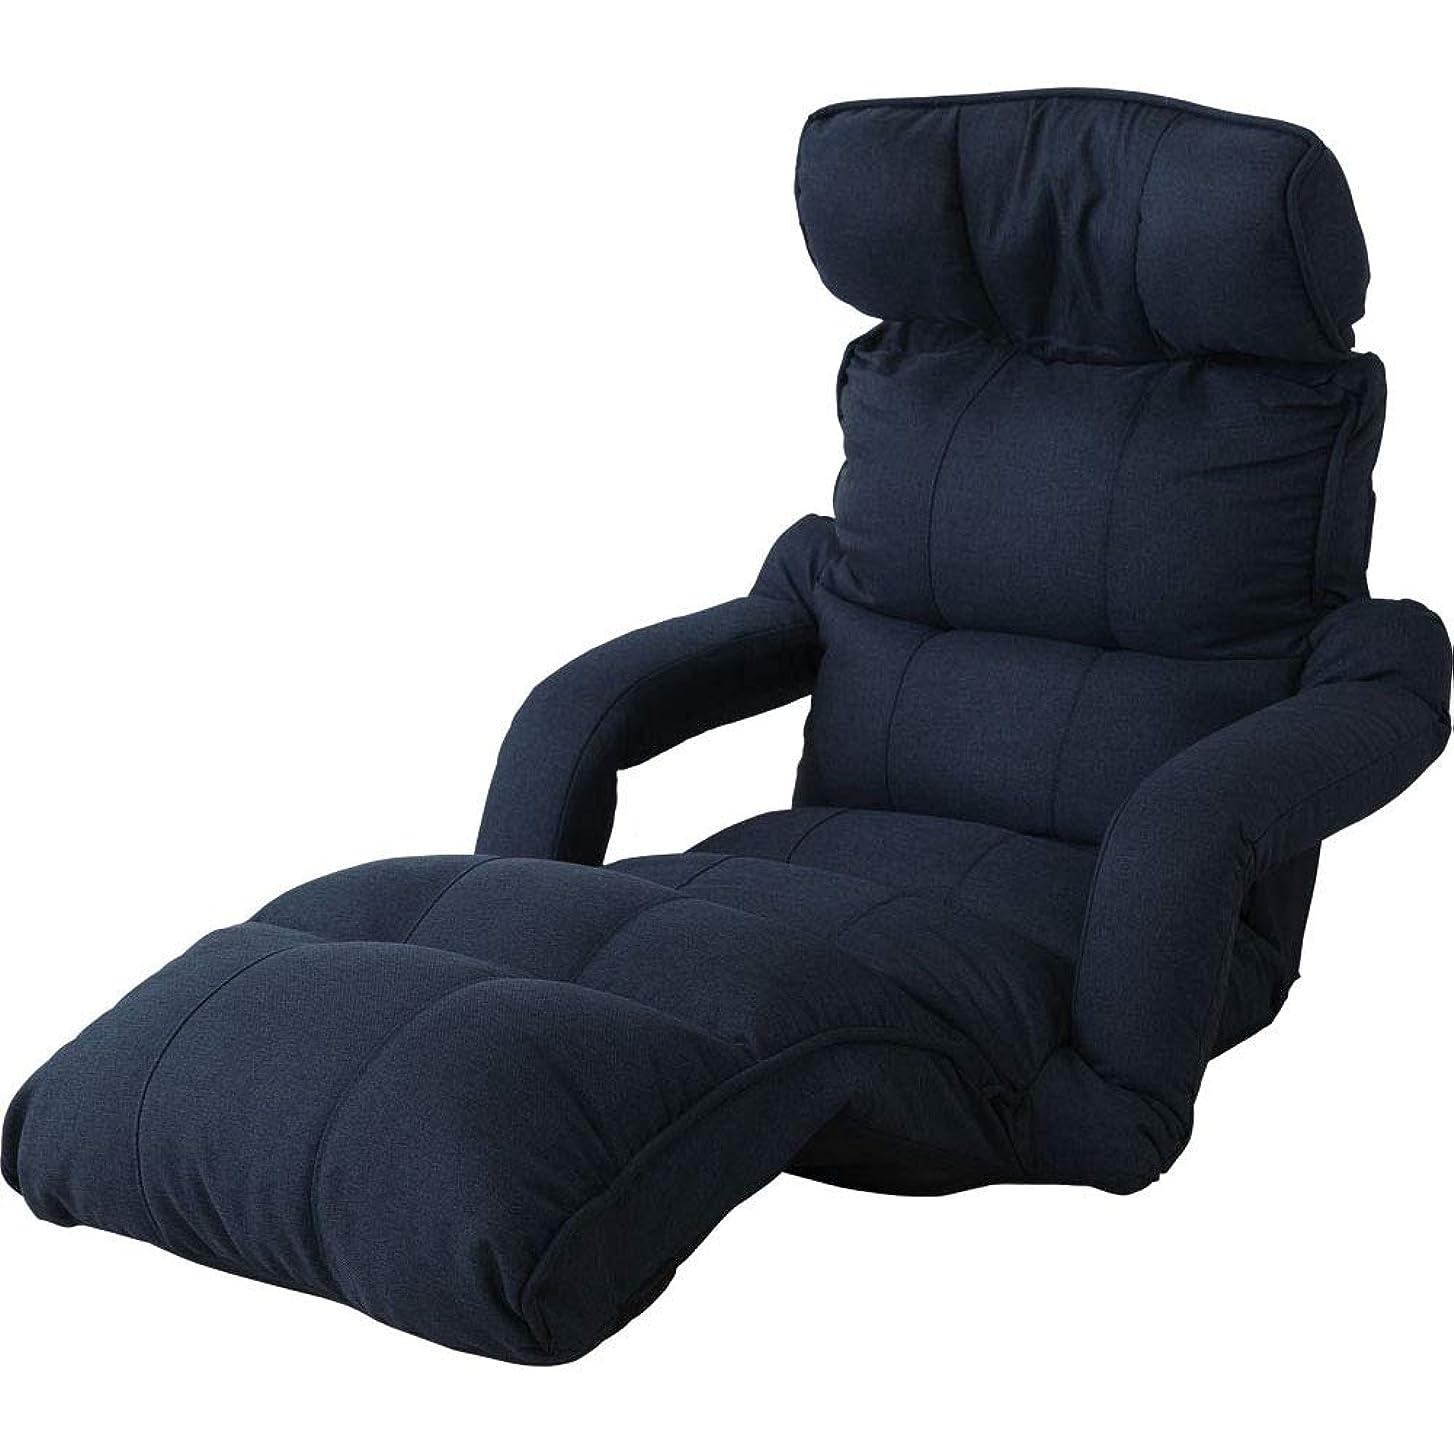 チーム近代化フィヨルドアイリスプラザ 座椅子 ネイビー 肘掛け付き 脚置き リクライニング 42段階 幅78×奥行123×高さ84㎝ YCK-002